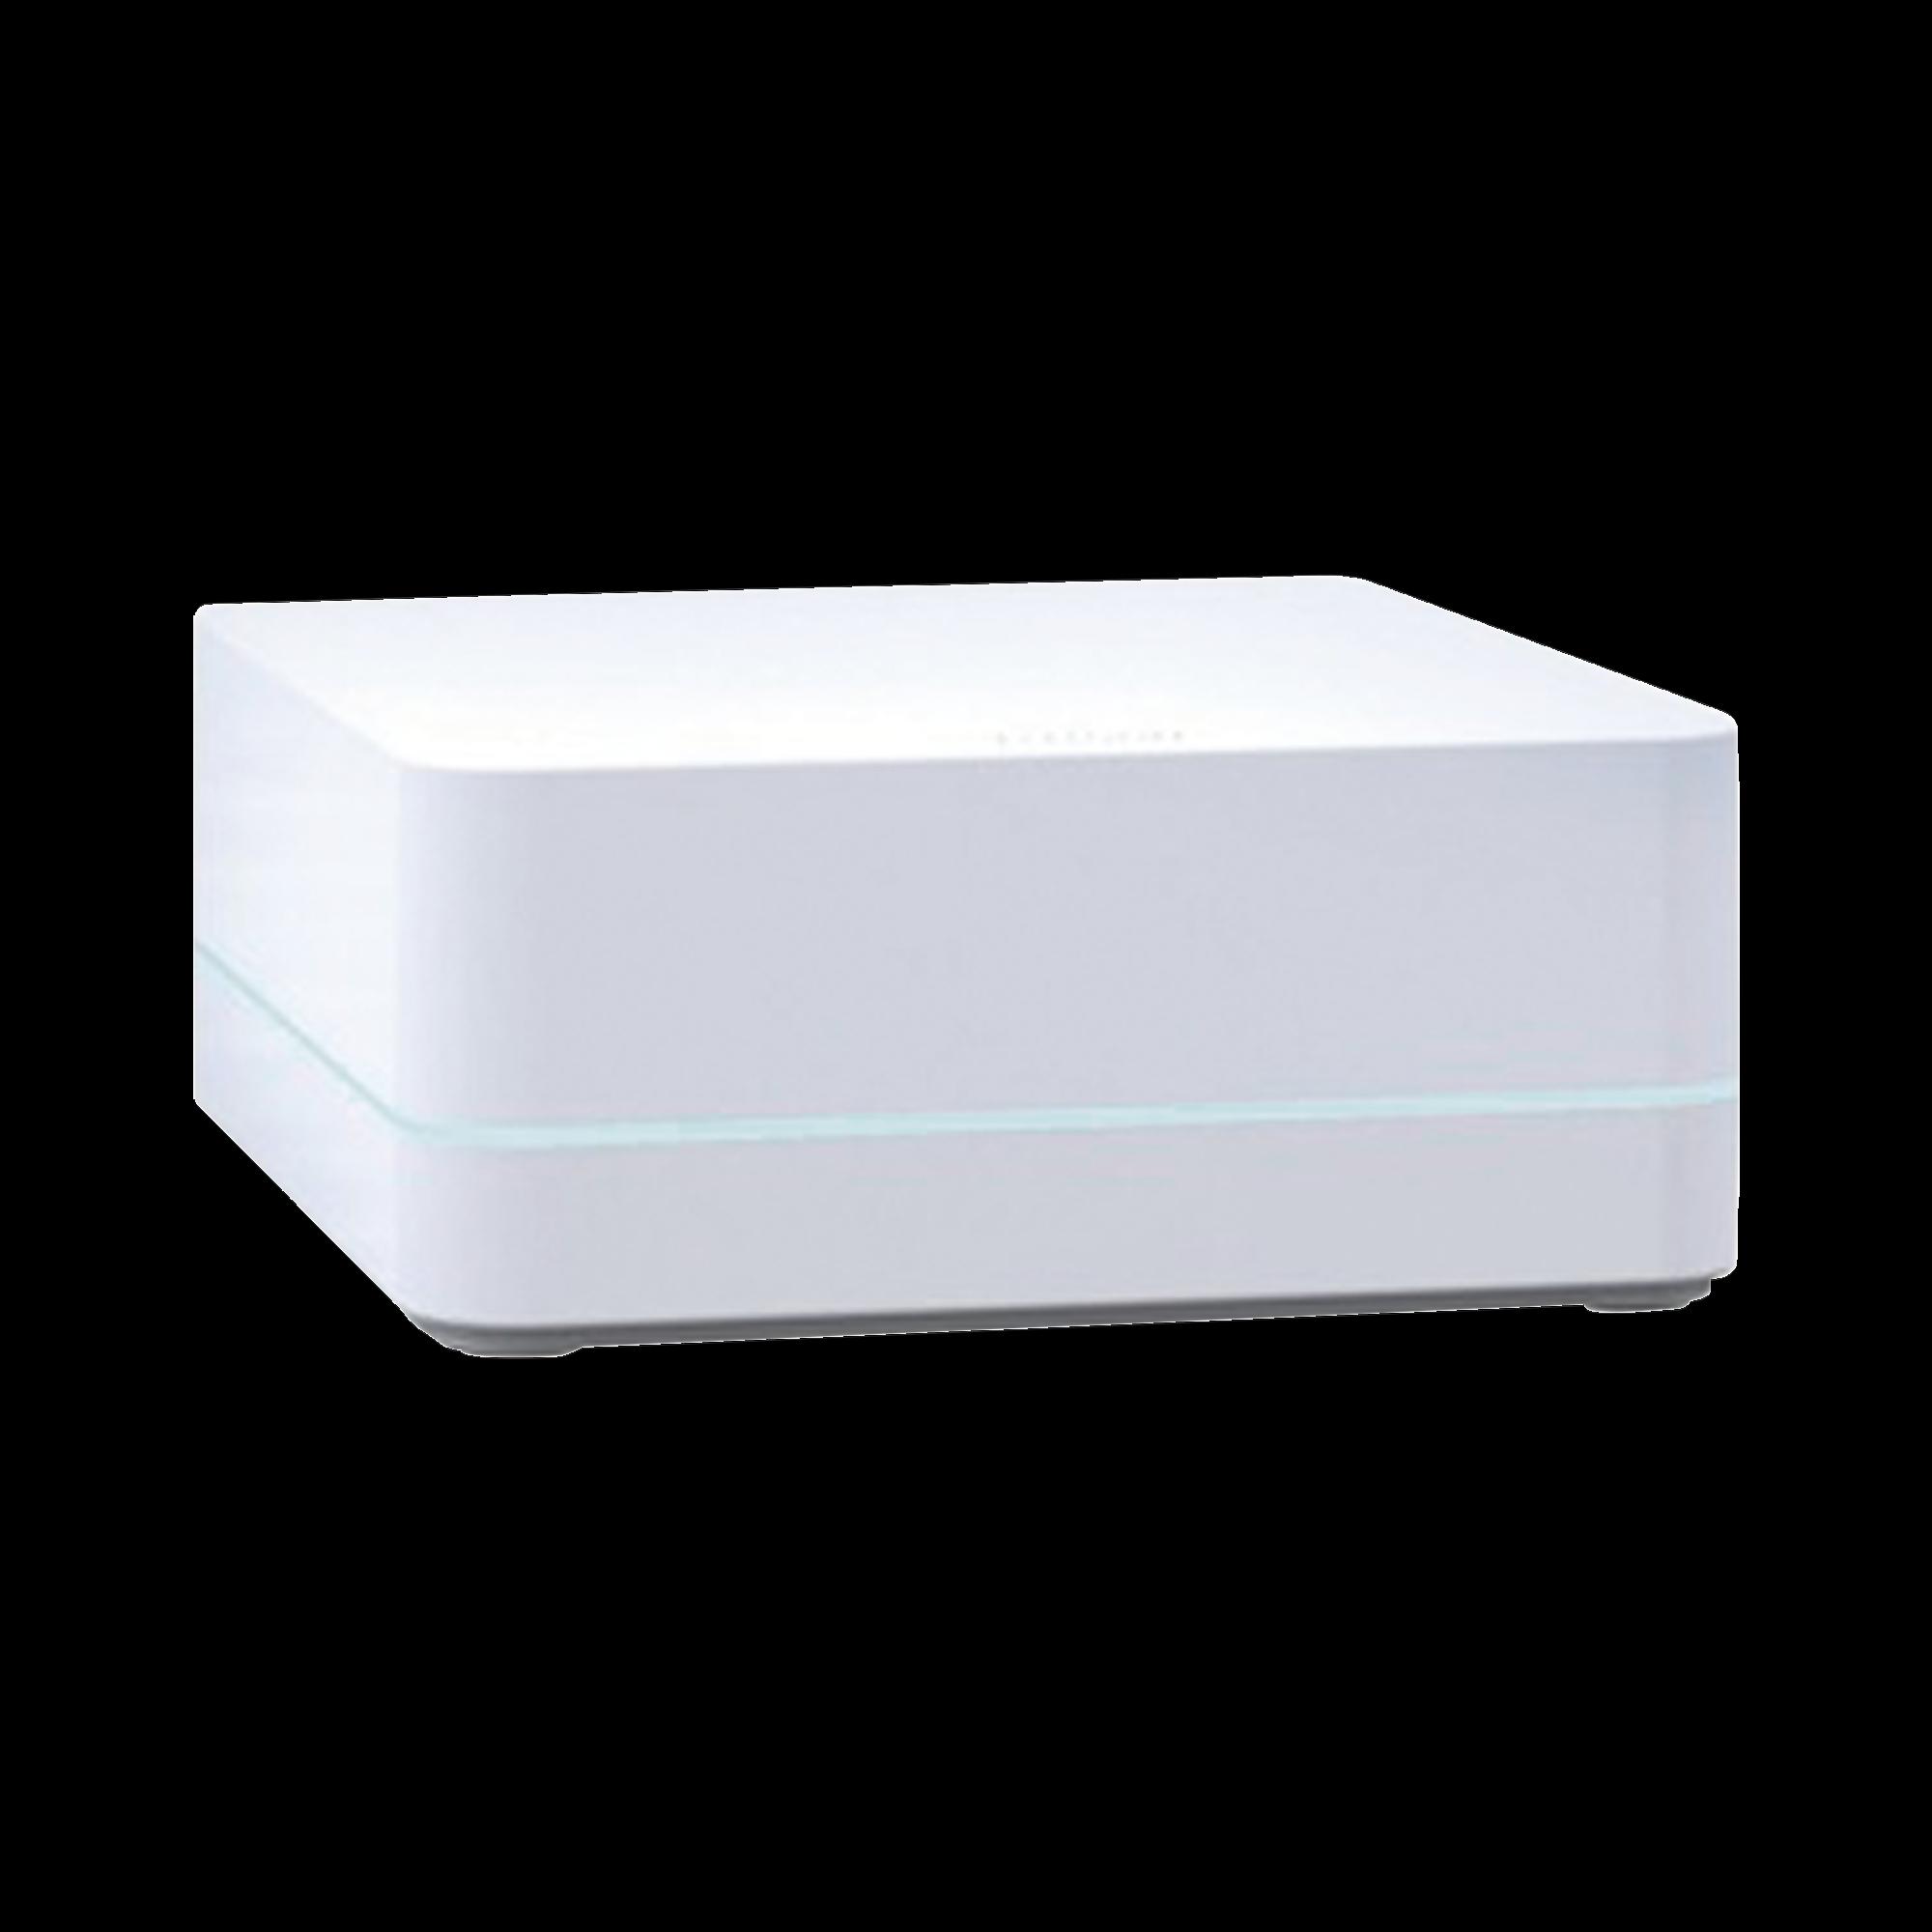 Reétidor de señal inalambrica Caseta Wireless LUTRON